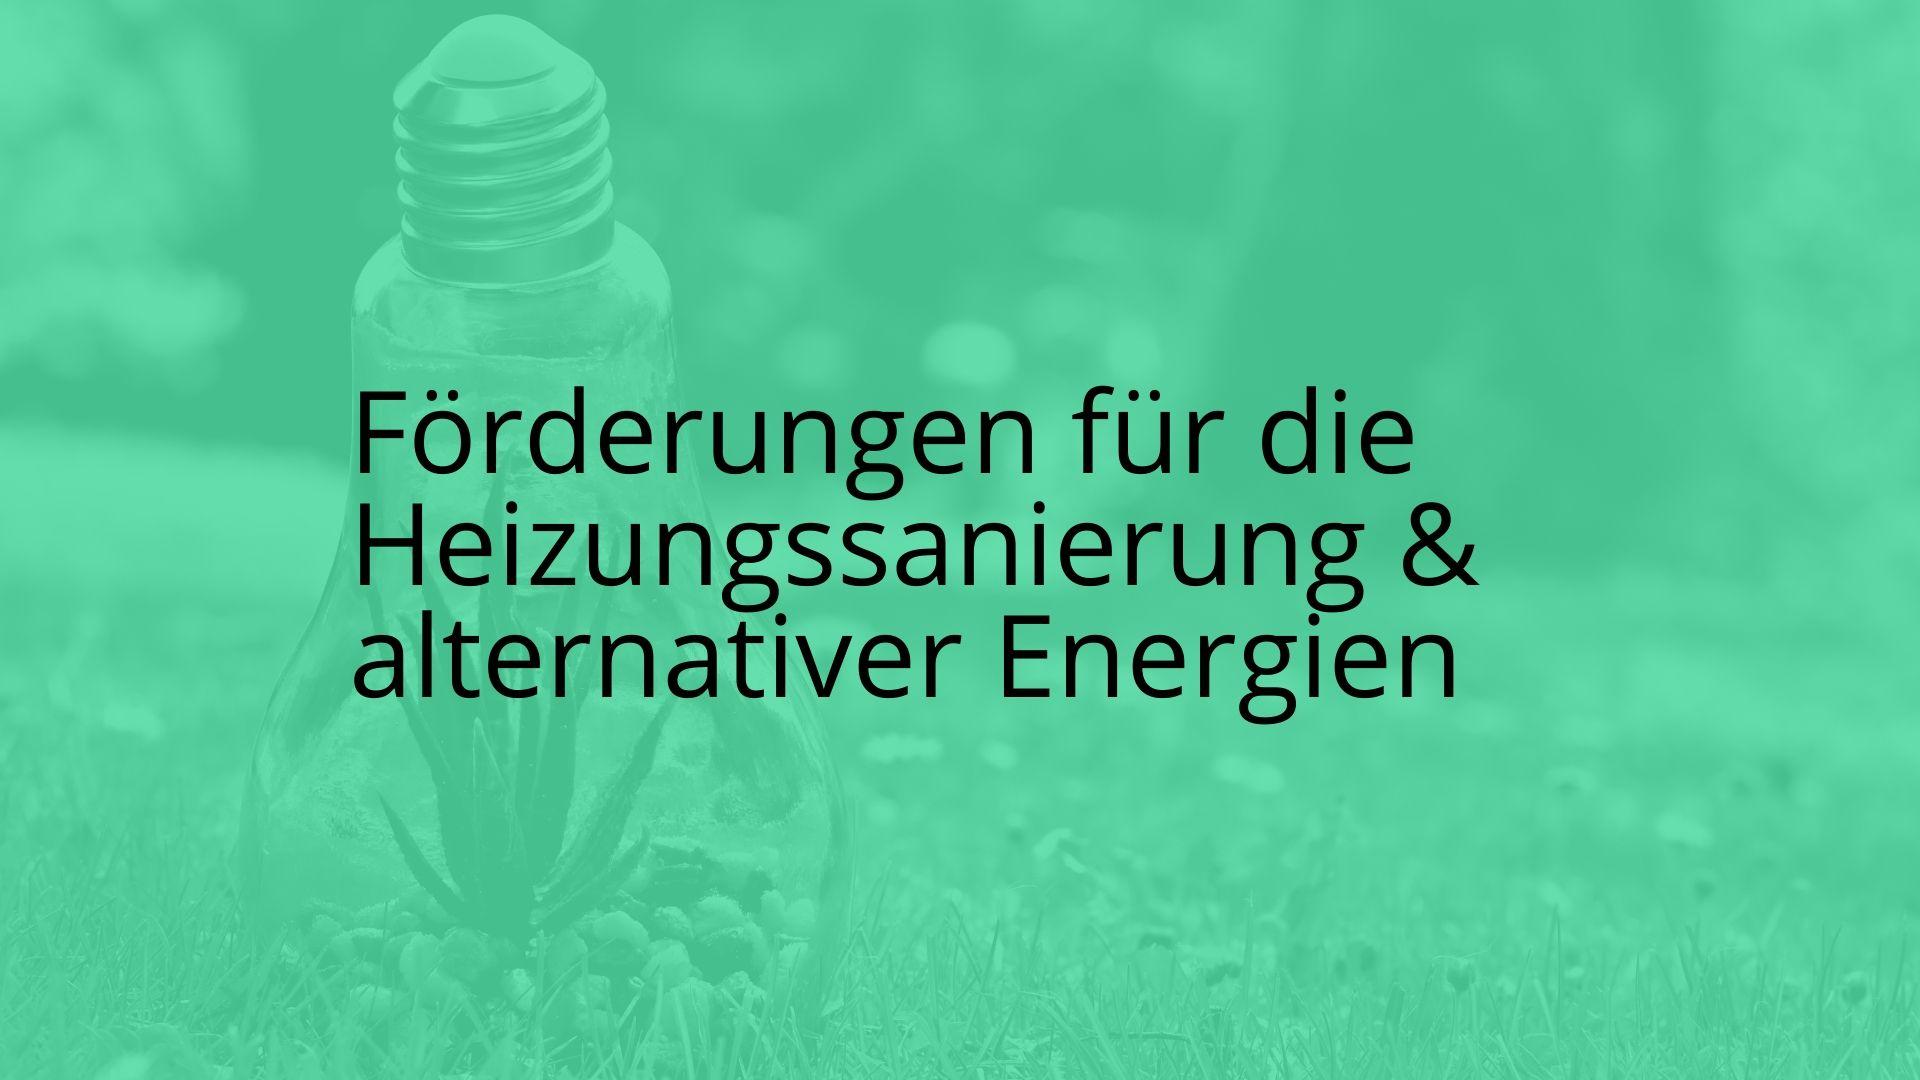 Förderungen Steiermark Heizungssanierung